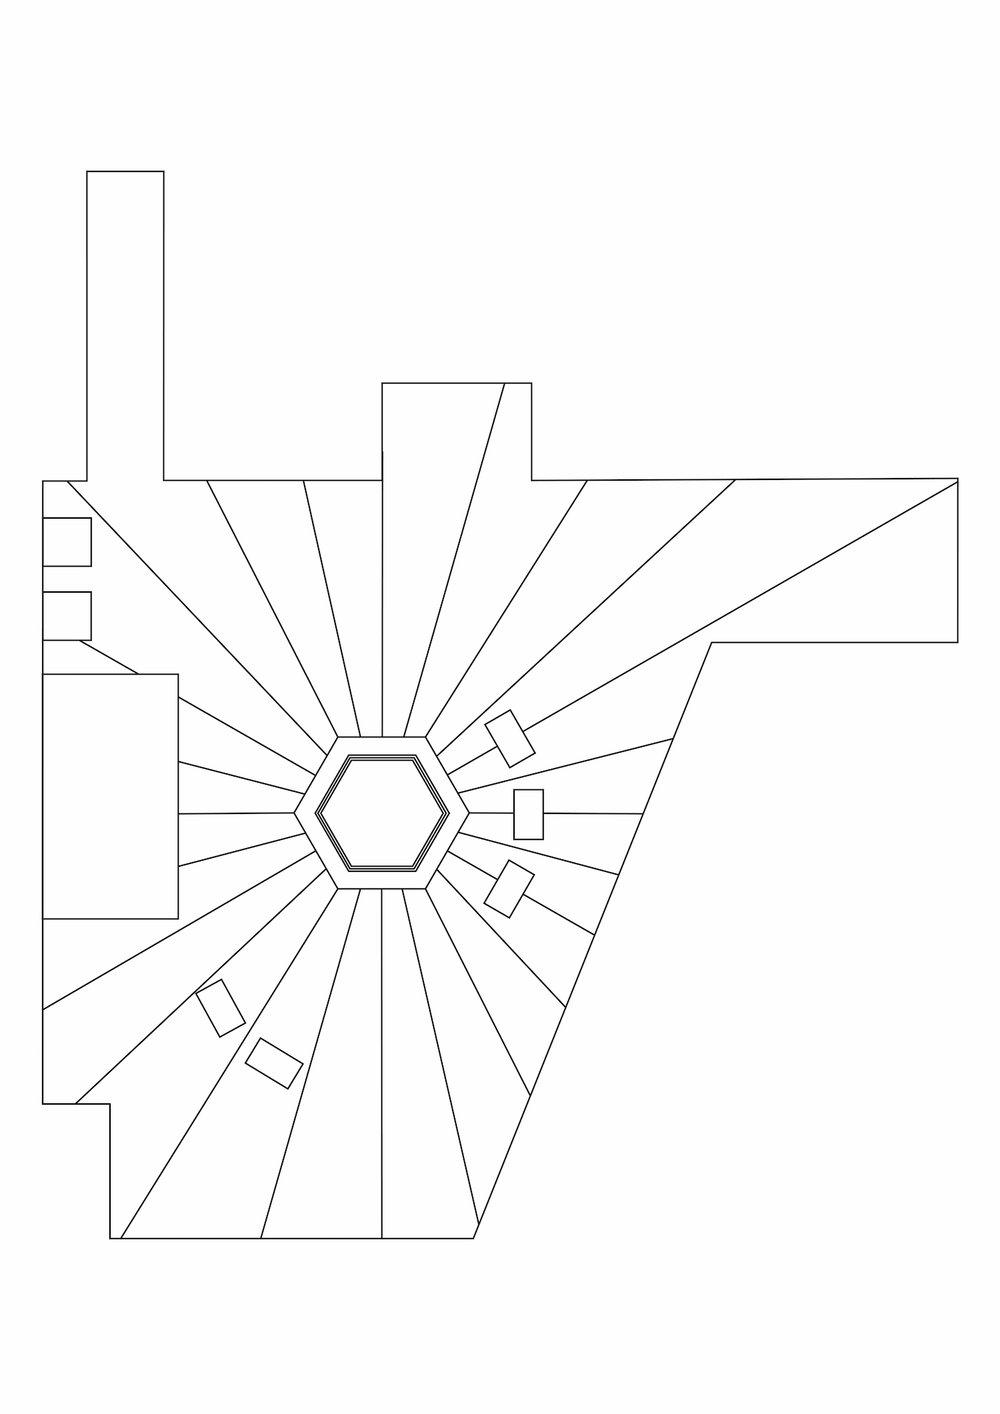 10_Zeichenfläche 1.jpg